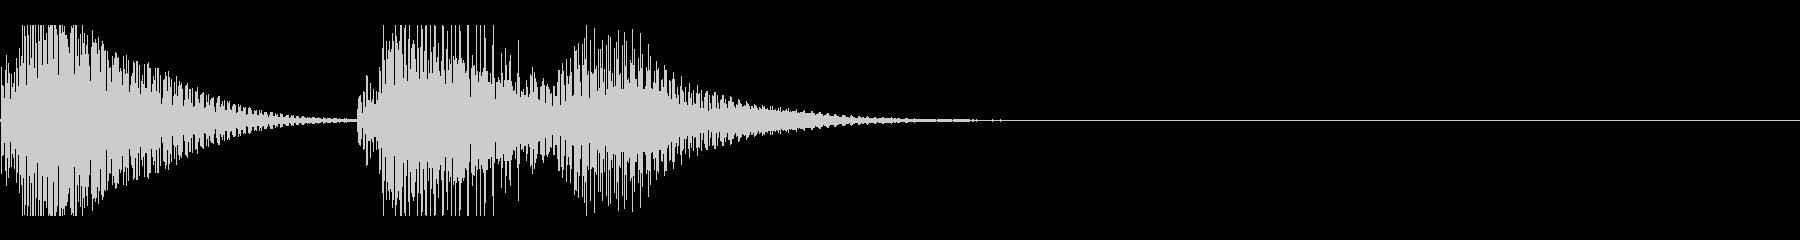 ファゴットののんきな効果音の未再生の波形